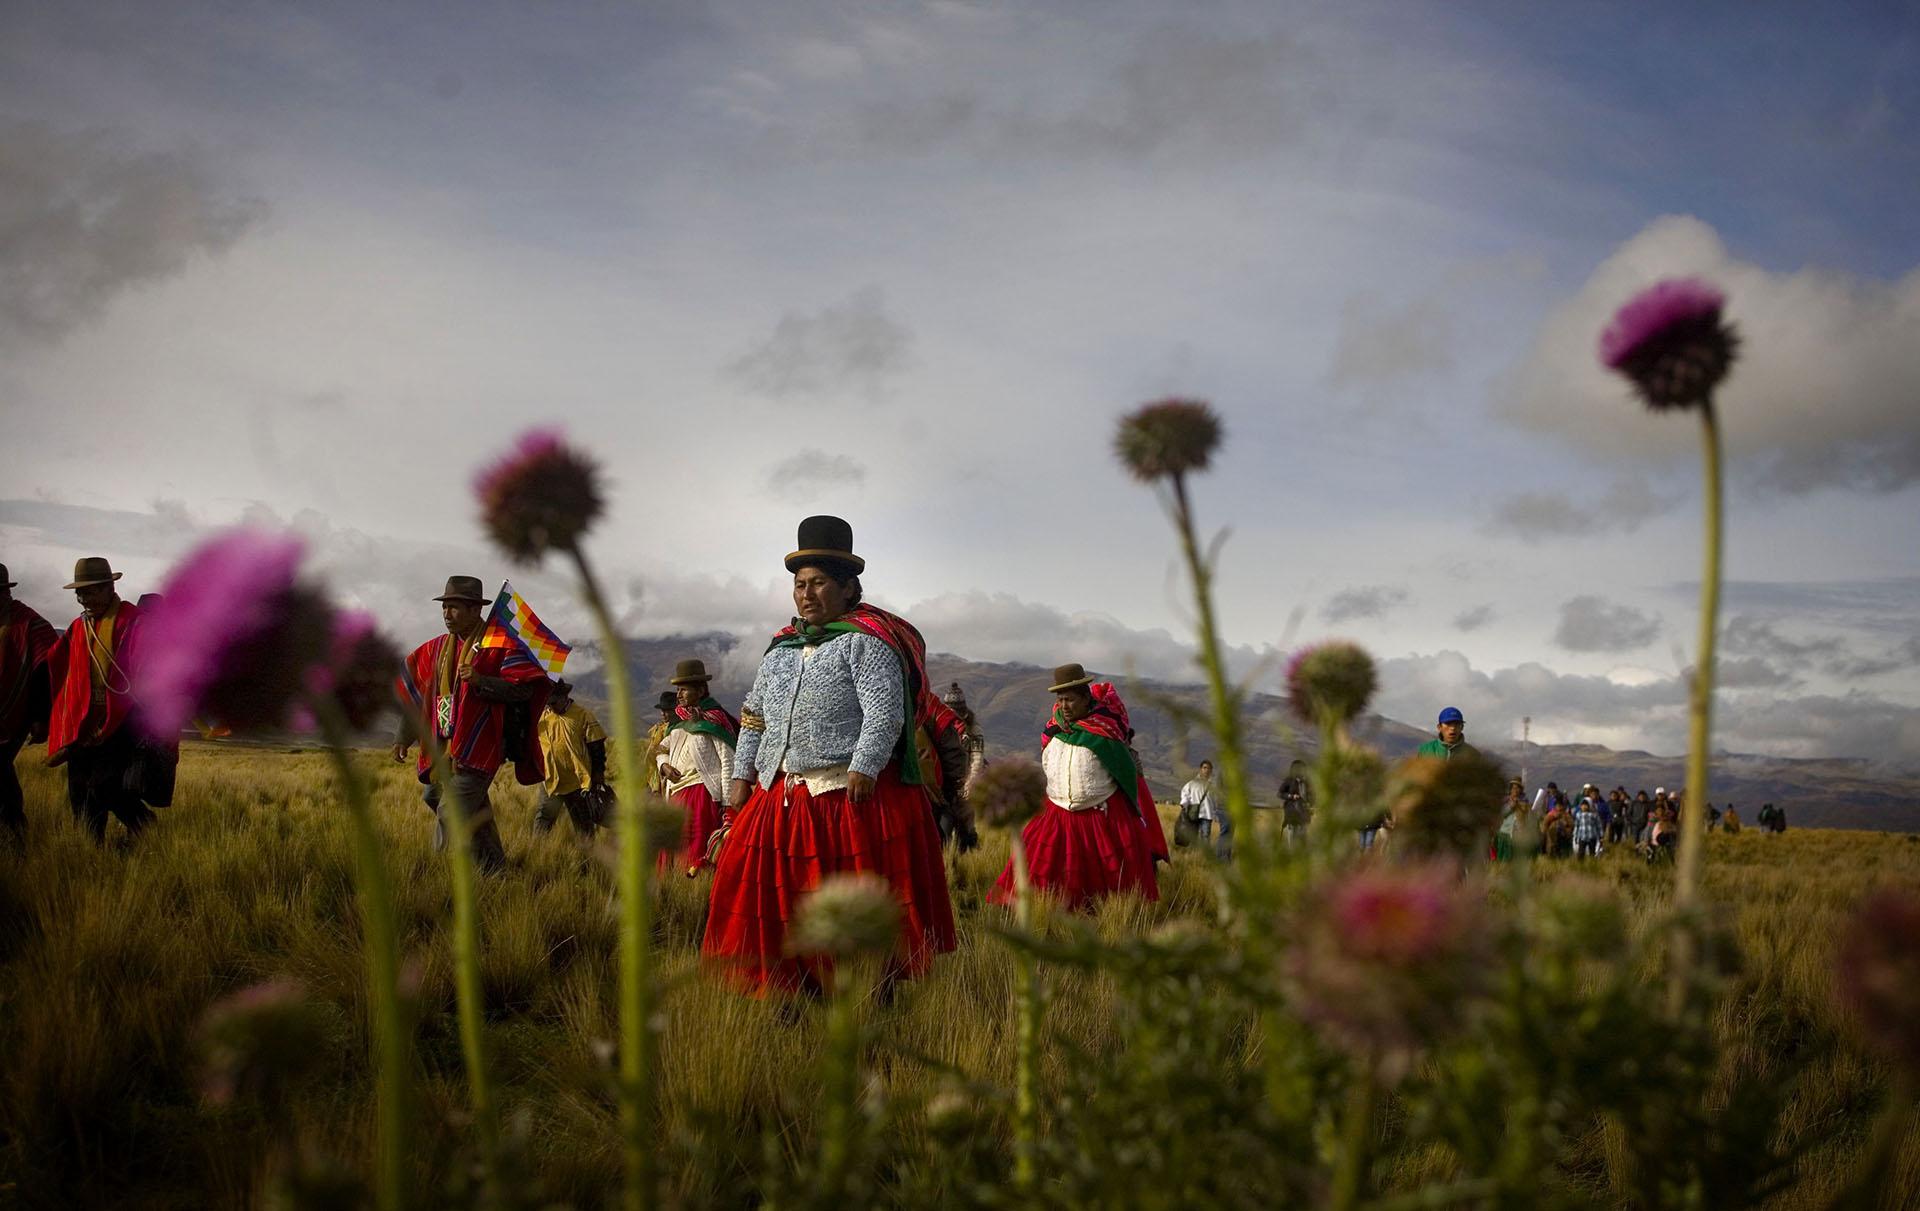 Ceremonia ancestral realizada en el sitio arqueológico de Tiwanaku en homenaje a Evo Morales (Nivolo Facundo)